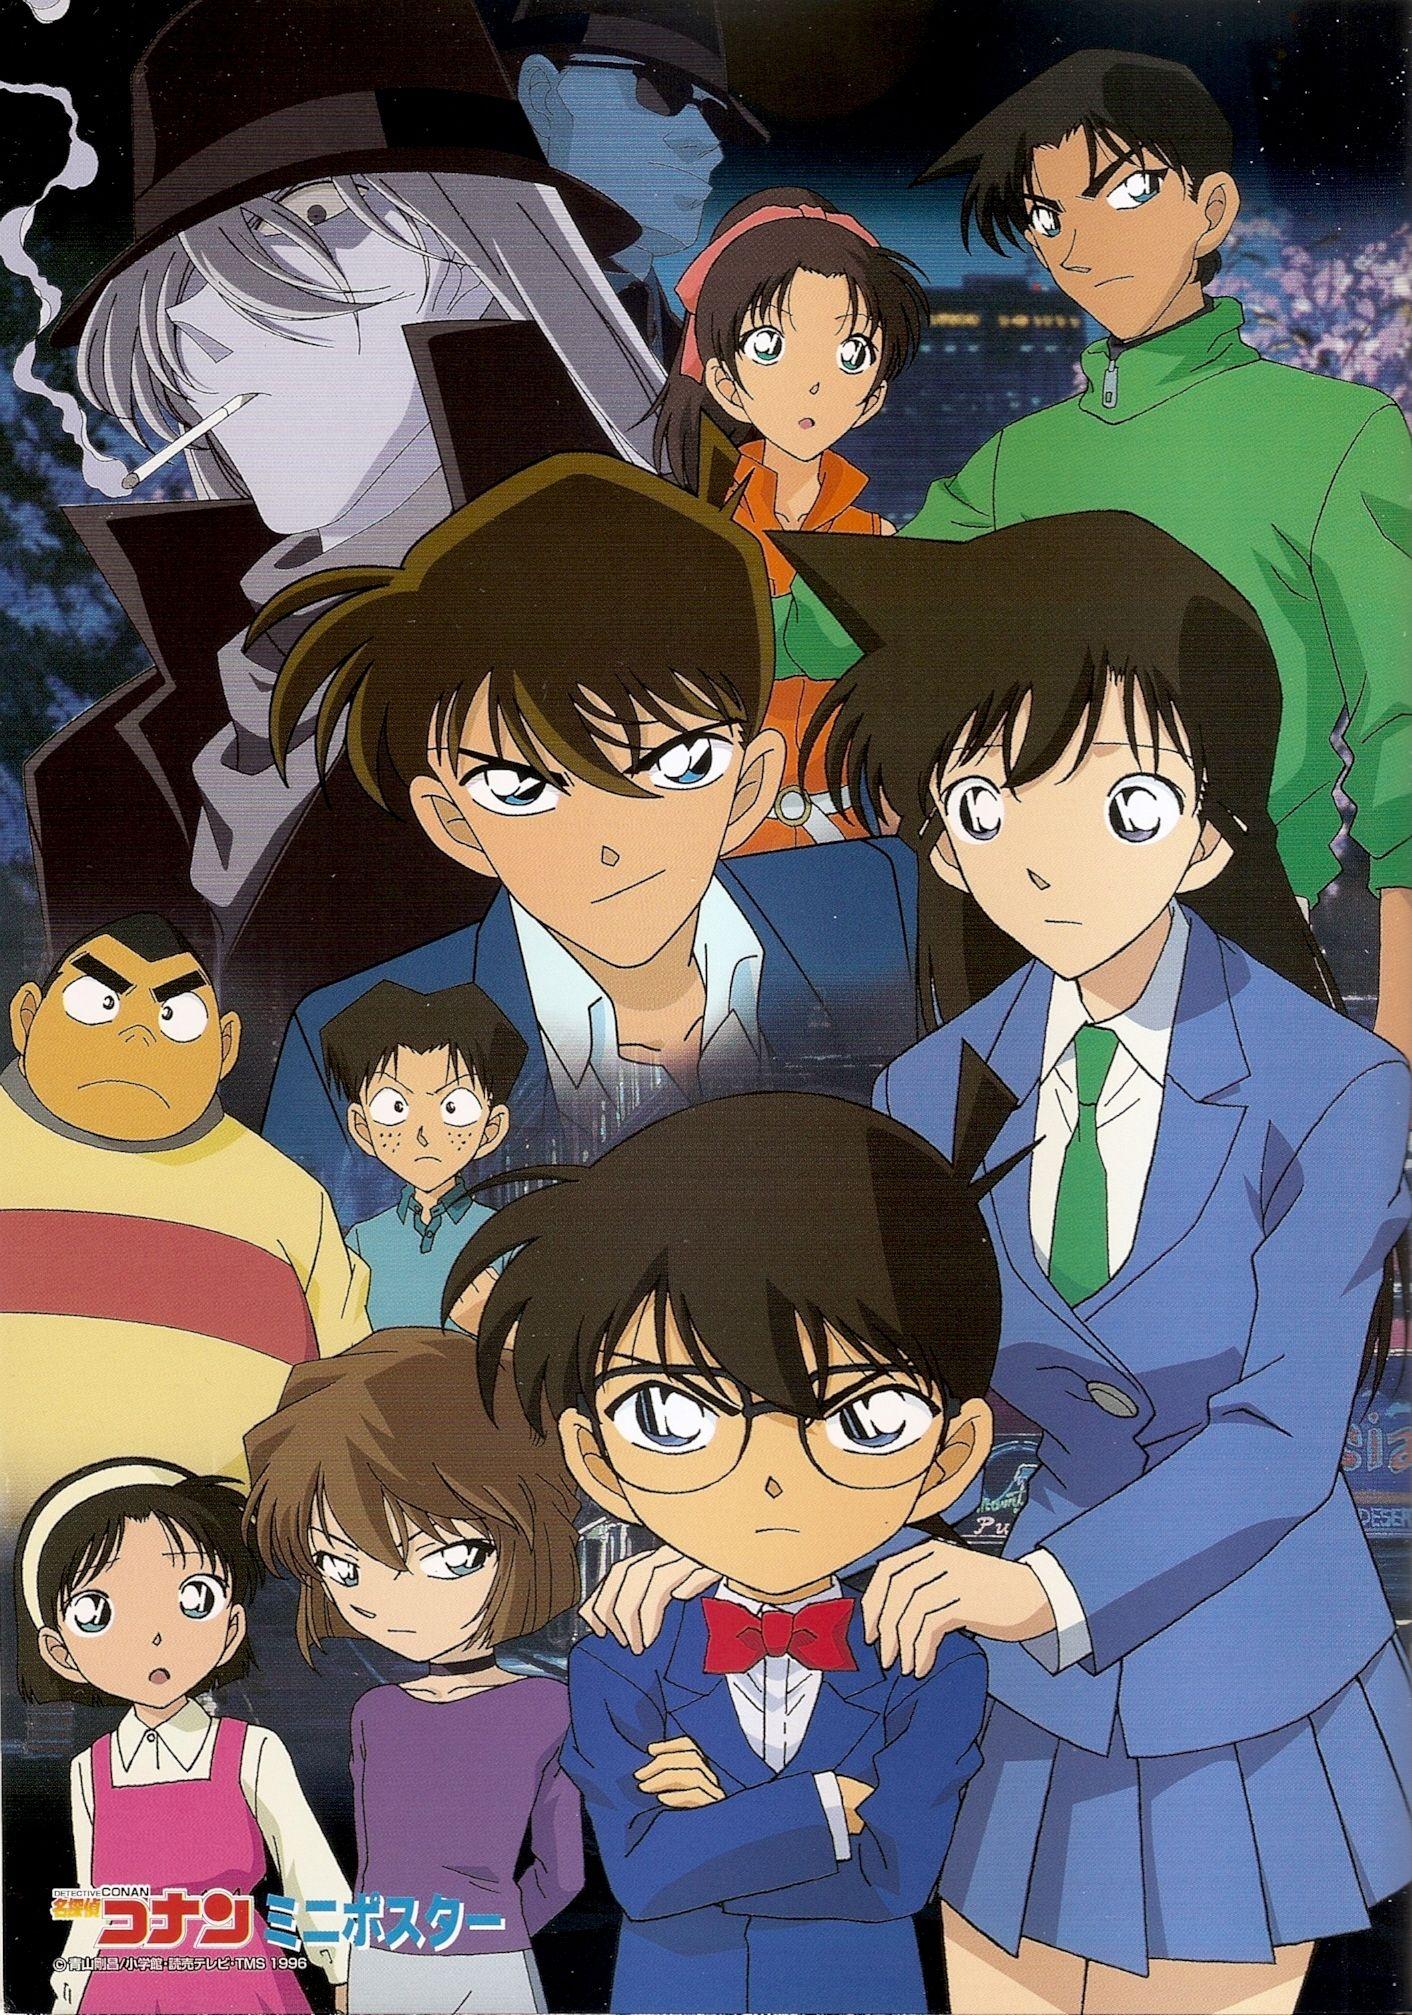 Detective_Conan_coloring_book003.jpg (1412×2015) 일본만화